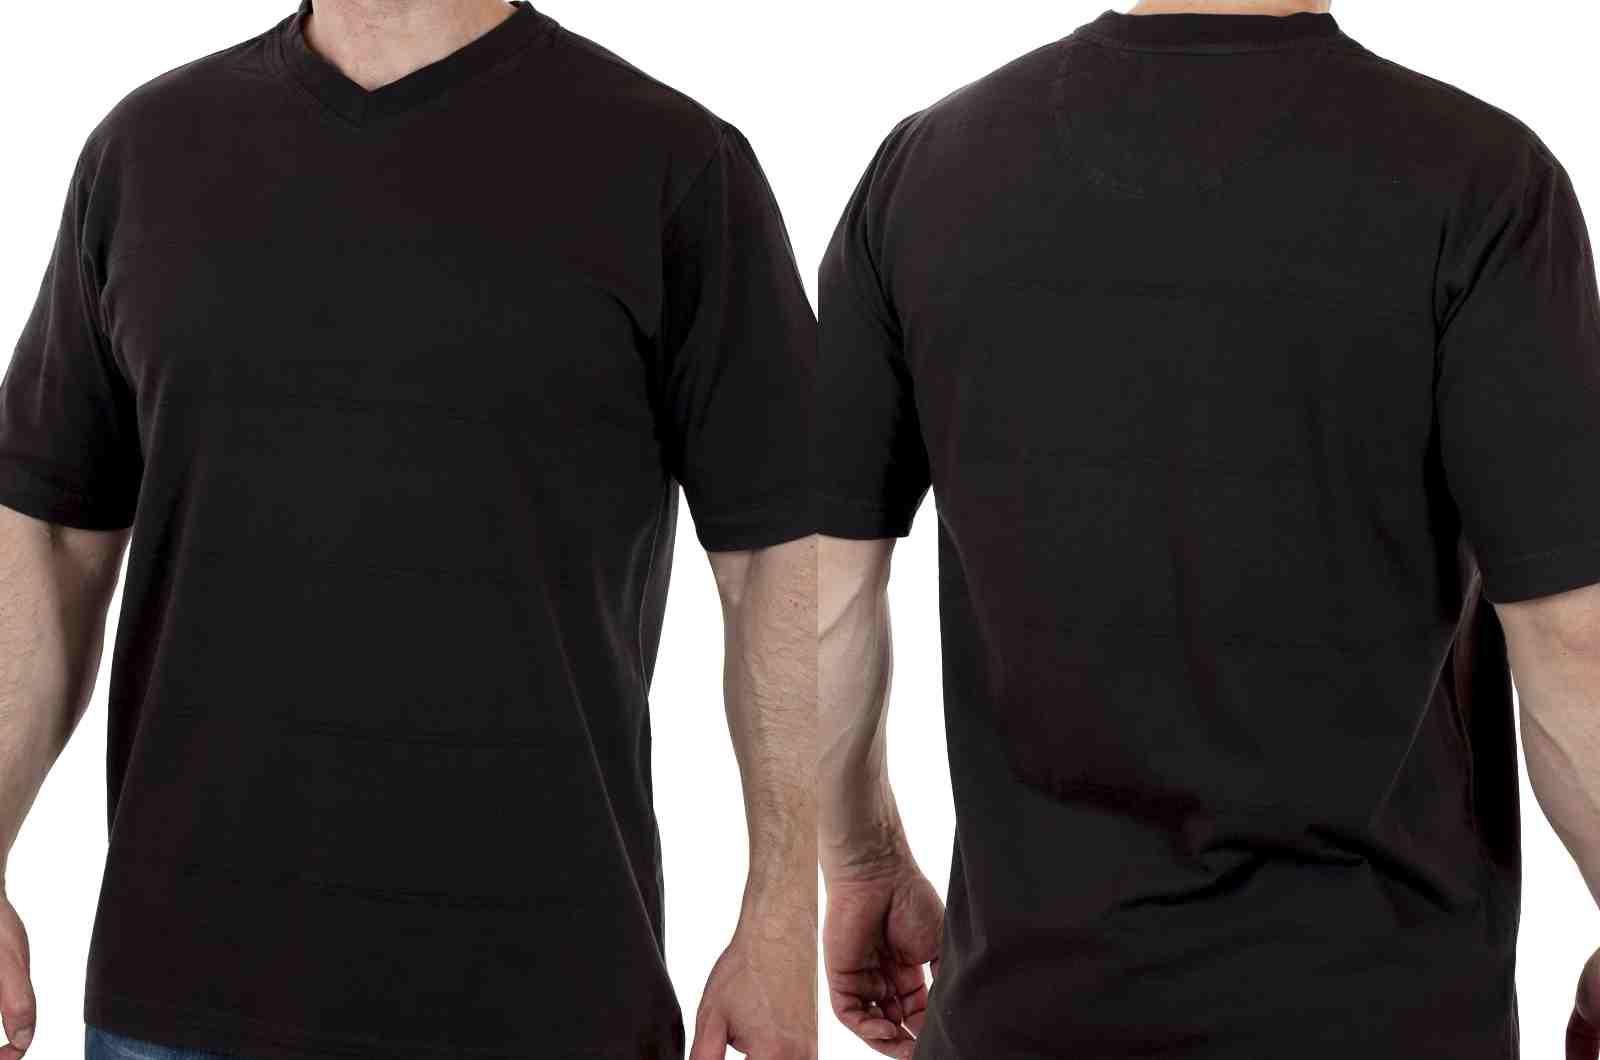 Стильная футболка от американского бренда Roundtree&Yorke-двойной ракурс